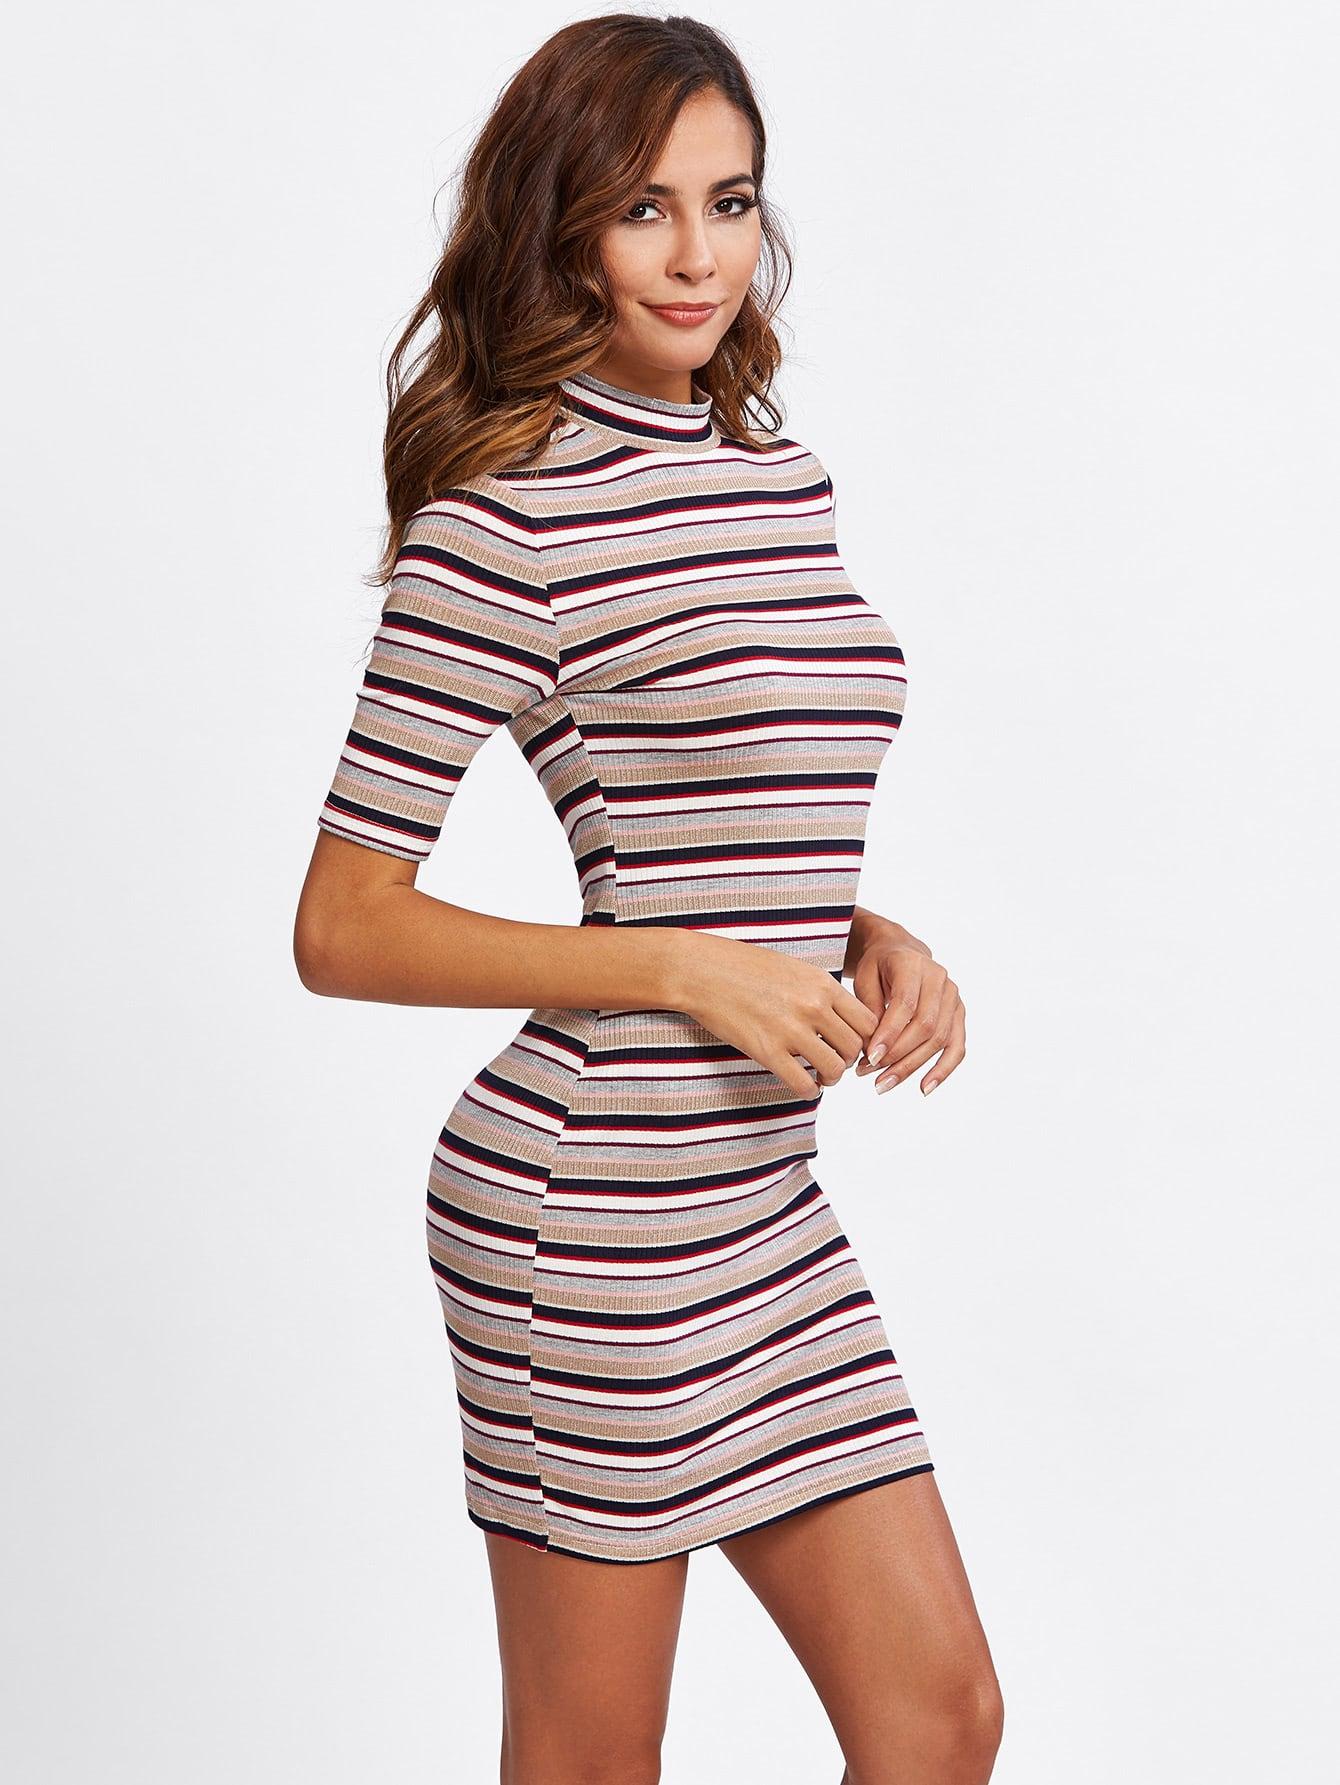 Striped Form Fitting Tee Dress дождеватель truper t 10363